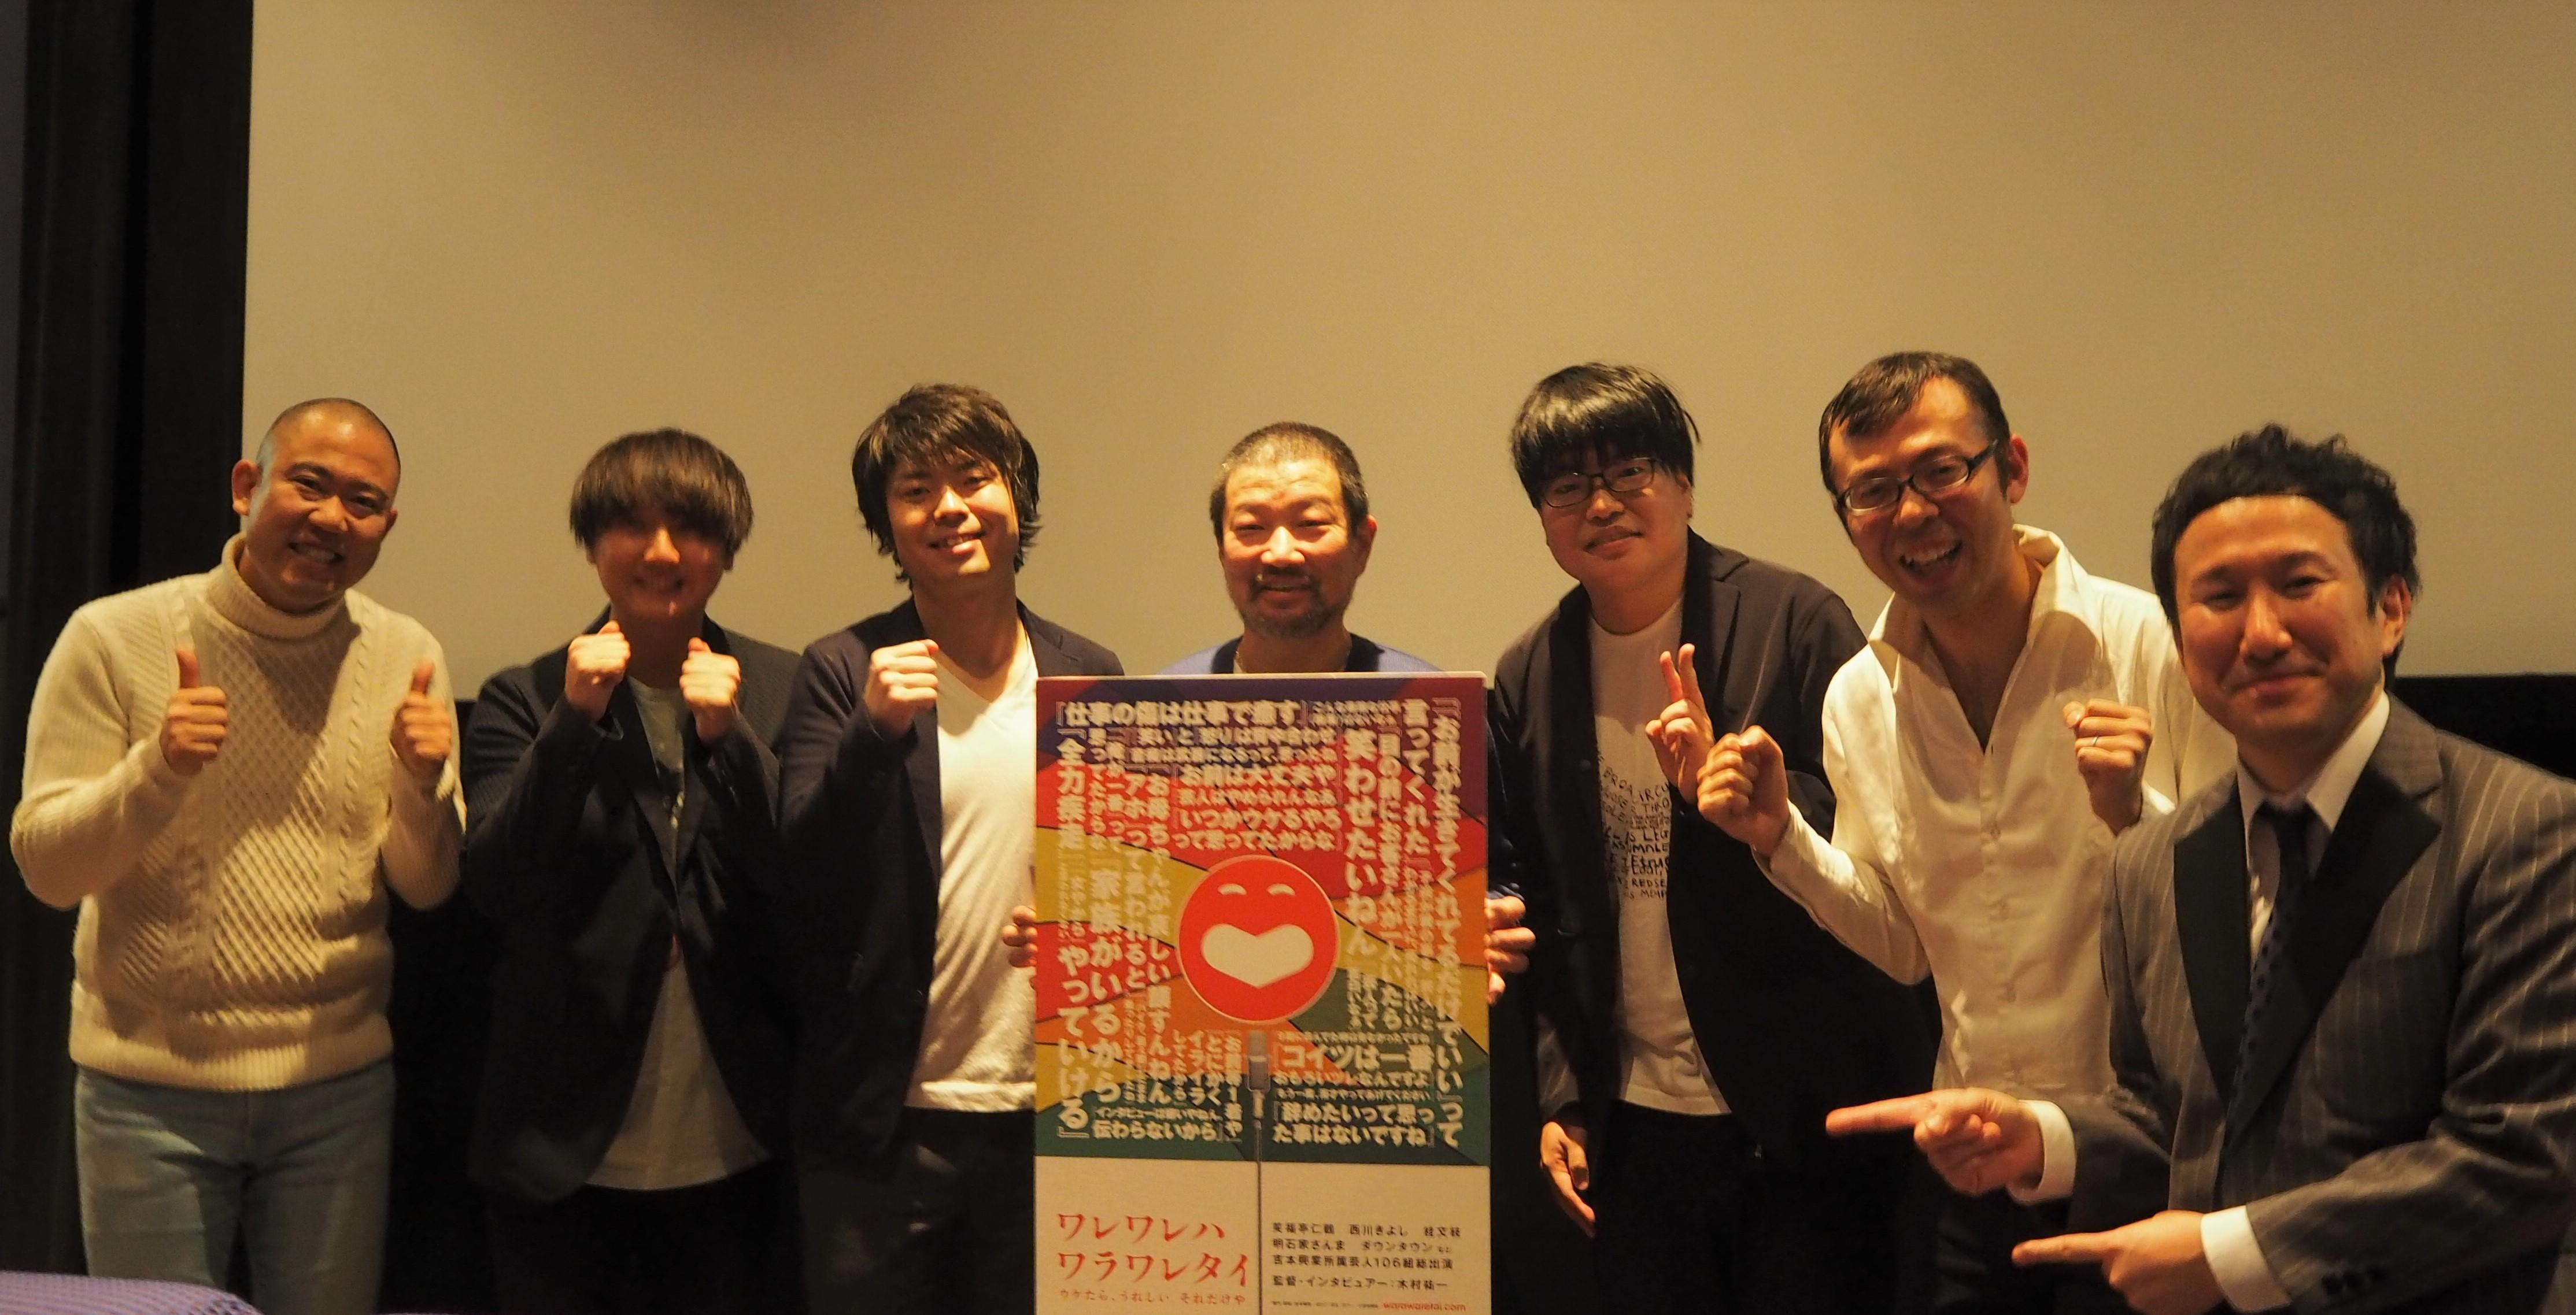 http://news.yoshimoto.co.jp/20180211221652-64aa5e526f2a43da5b55f7a4255176ffa4612fb0.jpg